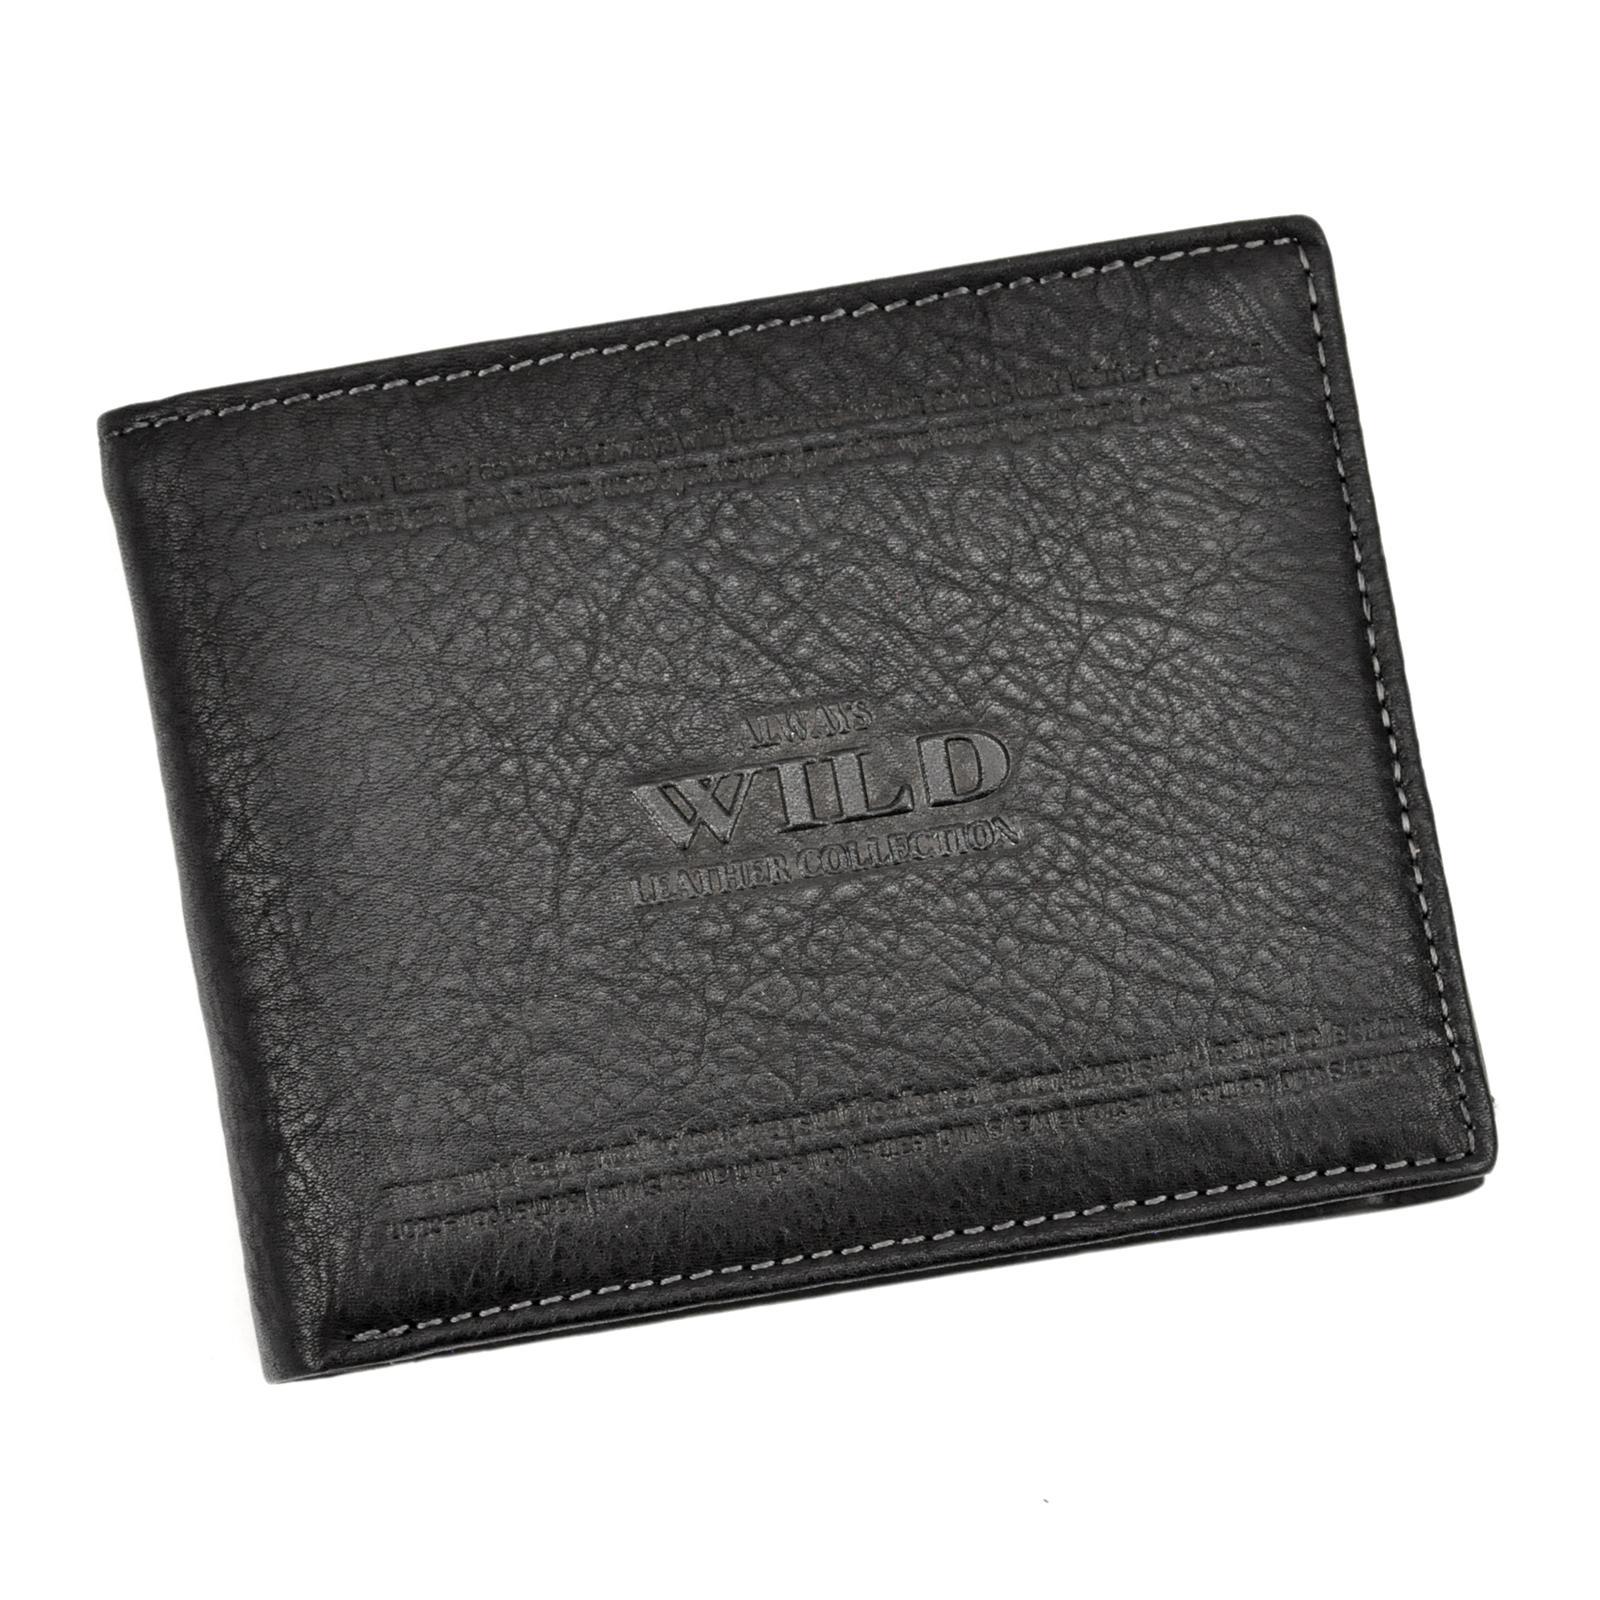 Pánska peňaženka Wild N992-WCA